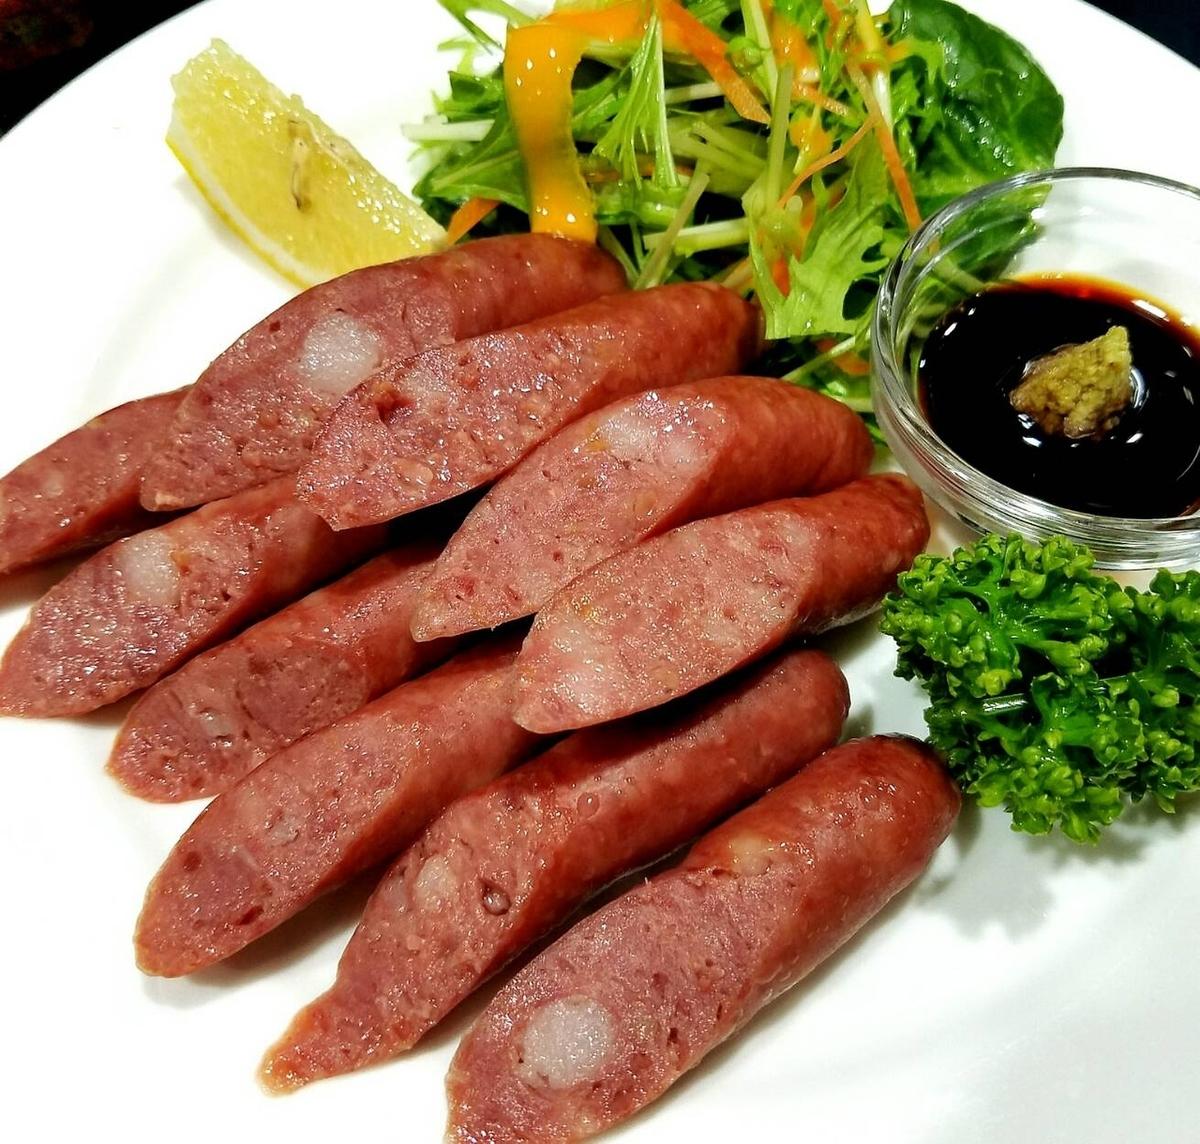 马肉熏肉香肠